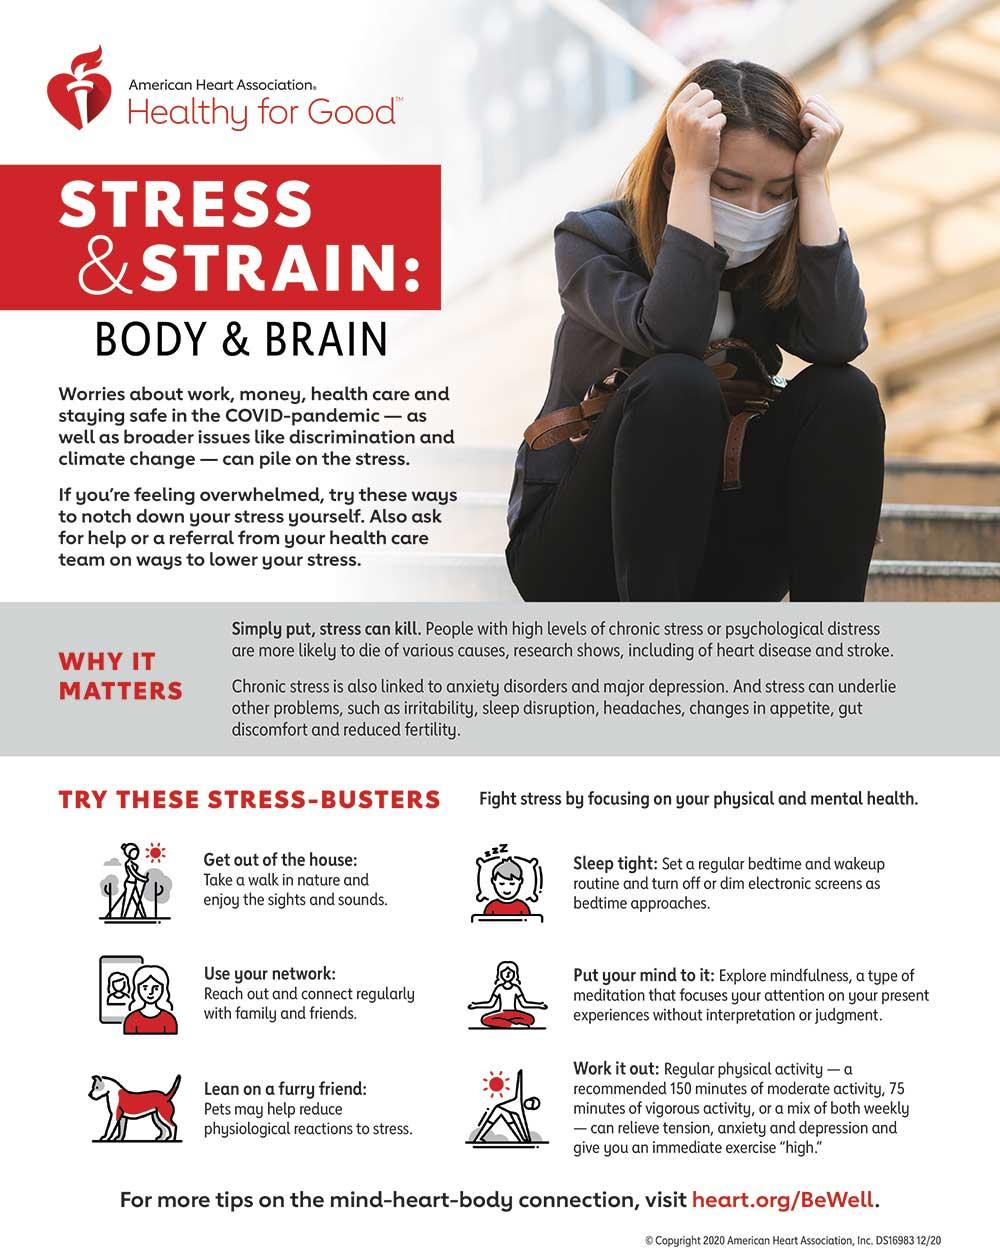 Infografía sobre estrés y esfuerzo, cuerpo y cerebro